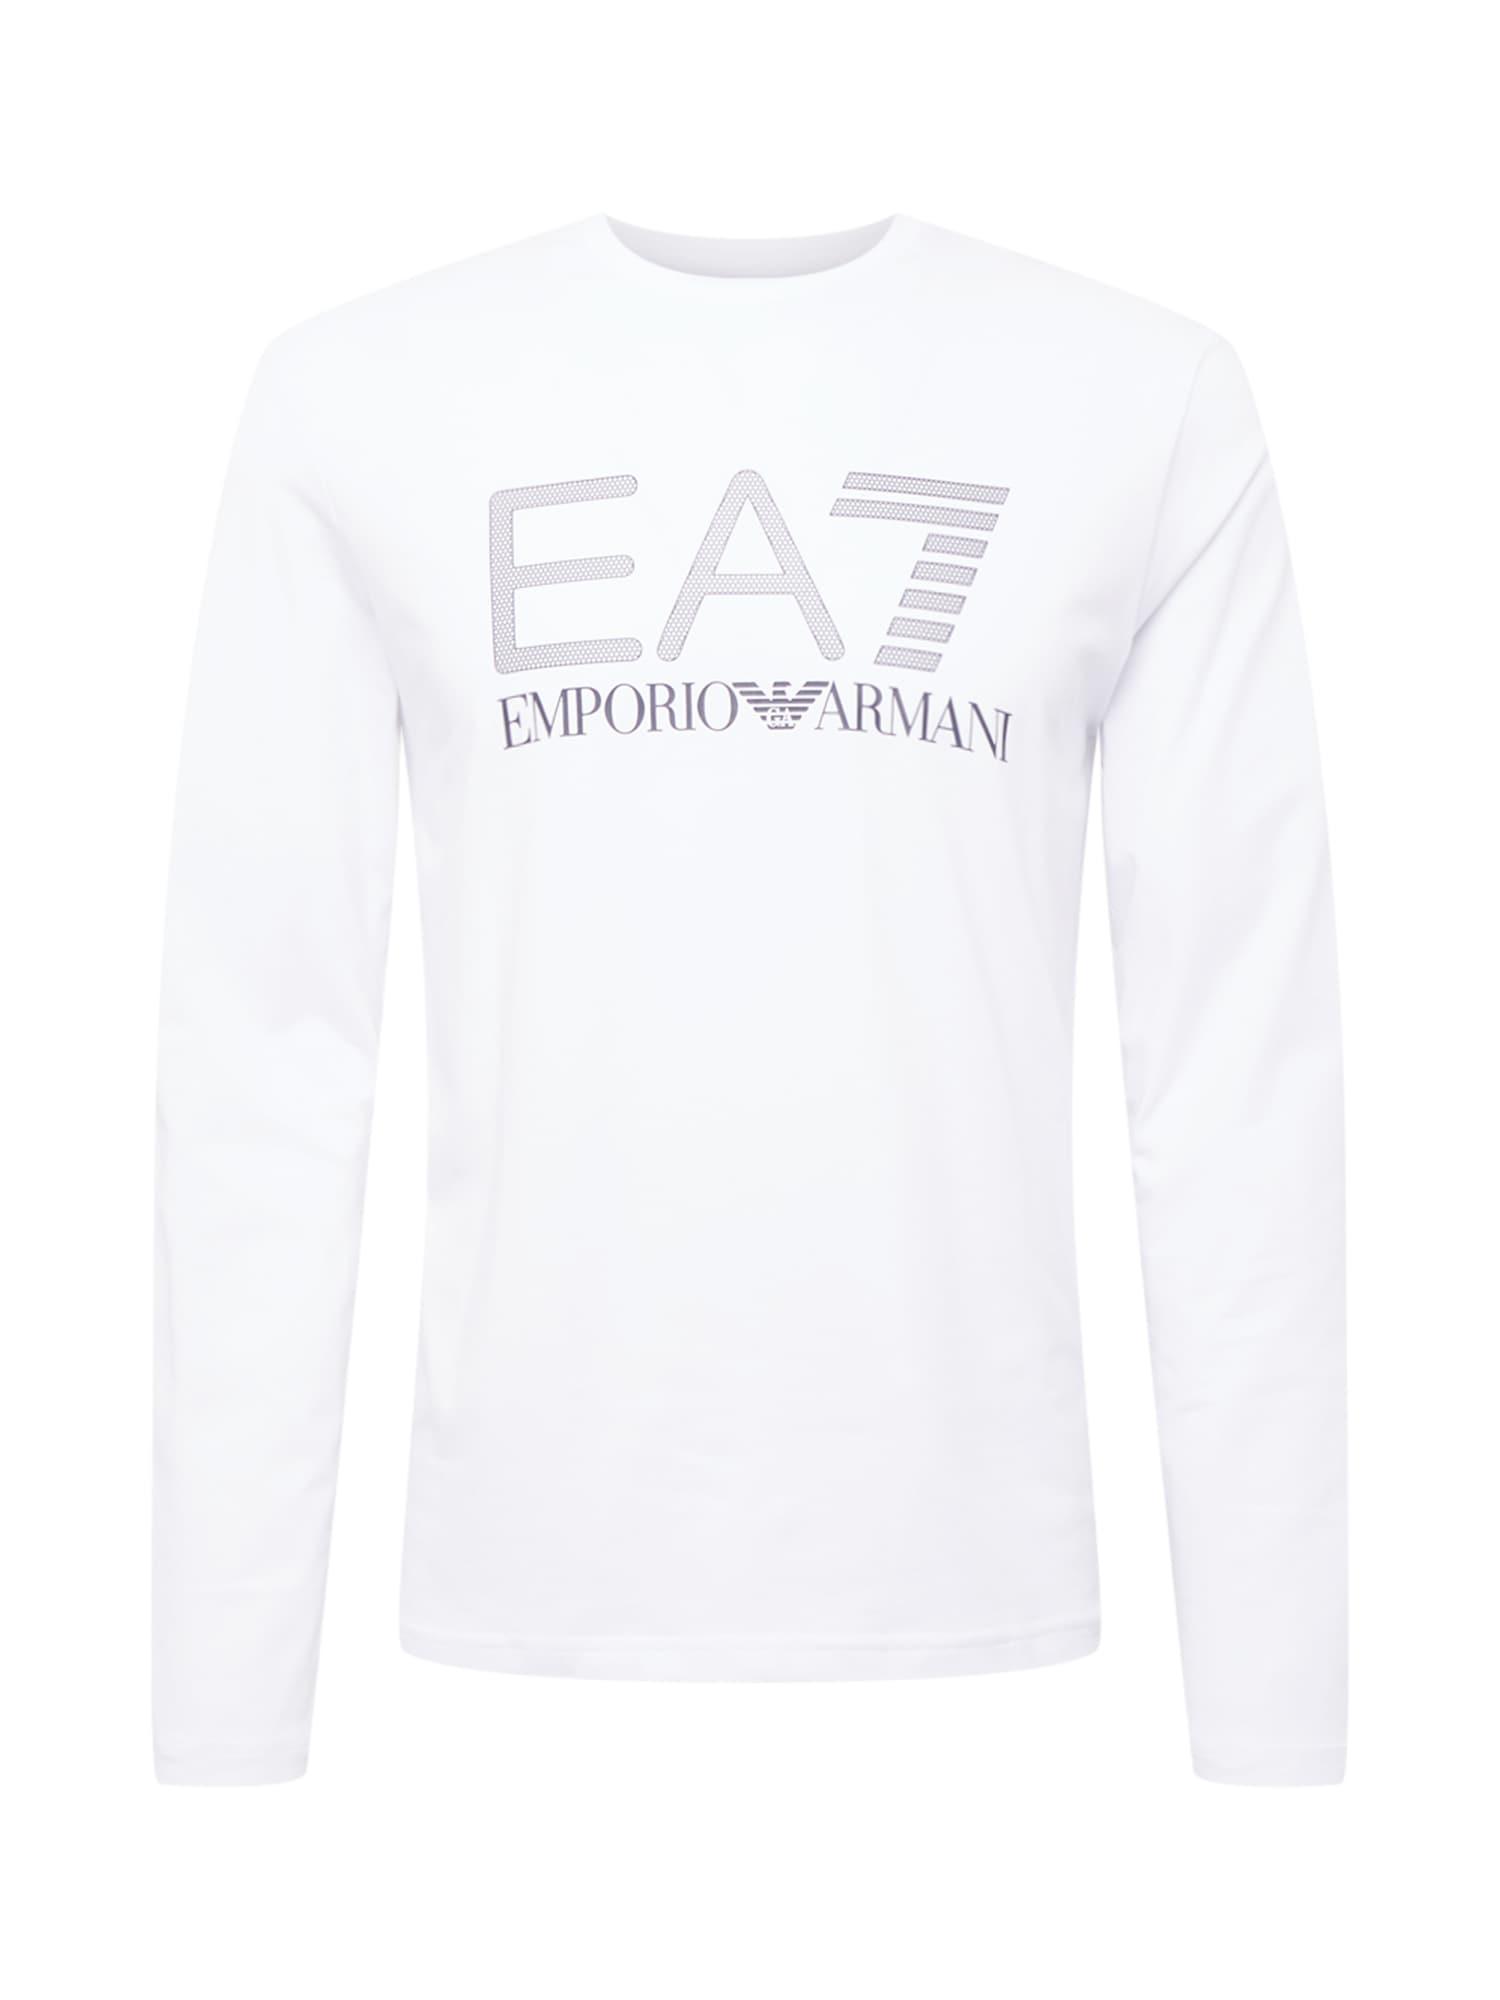 EA7 Emporio Armani Tričko  bílá / šedá / čedičová šedá